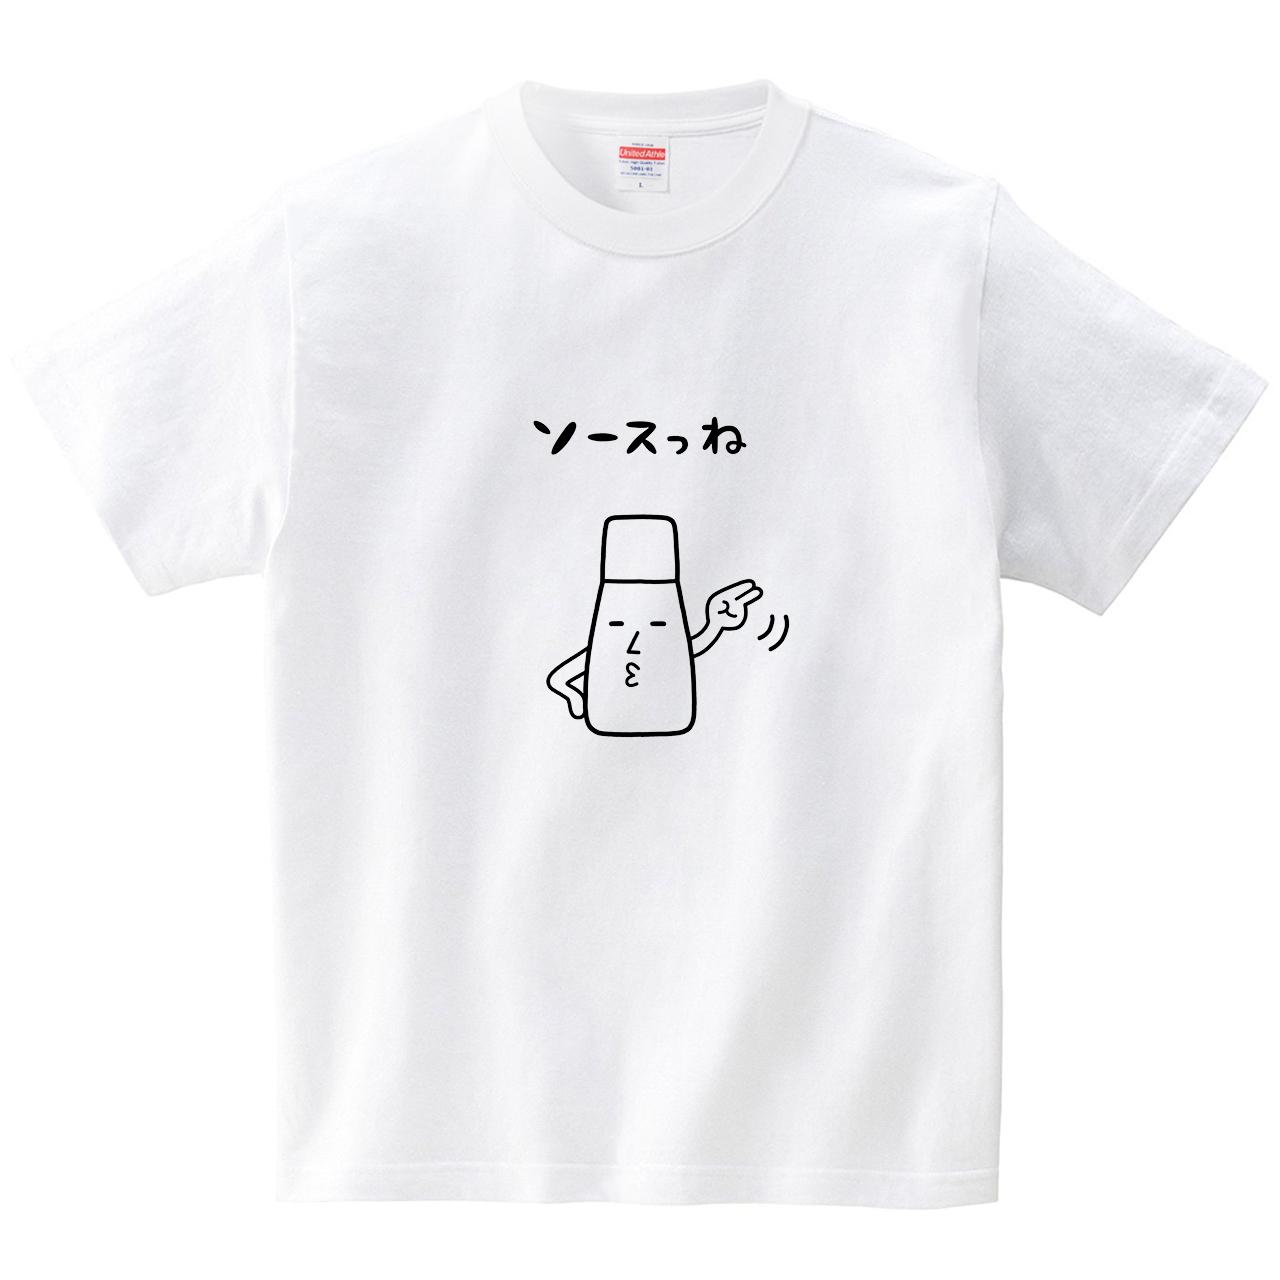 ソースっね(Tシャツ・ホワイト)(tsukamotojunko)